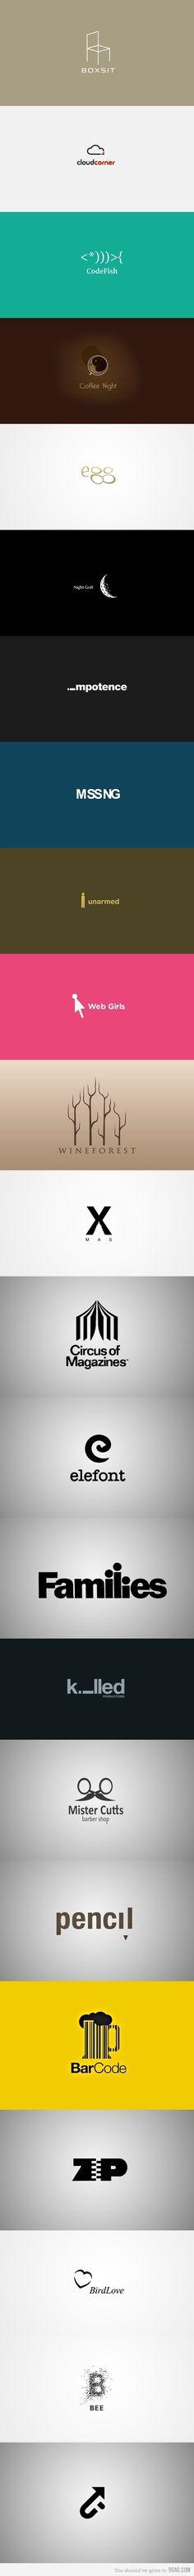 Logo inspiration, these logos are amazing!!